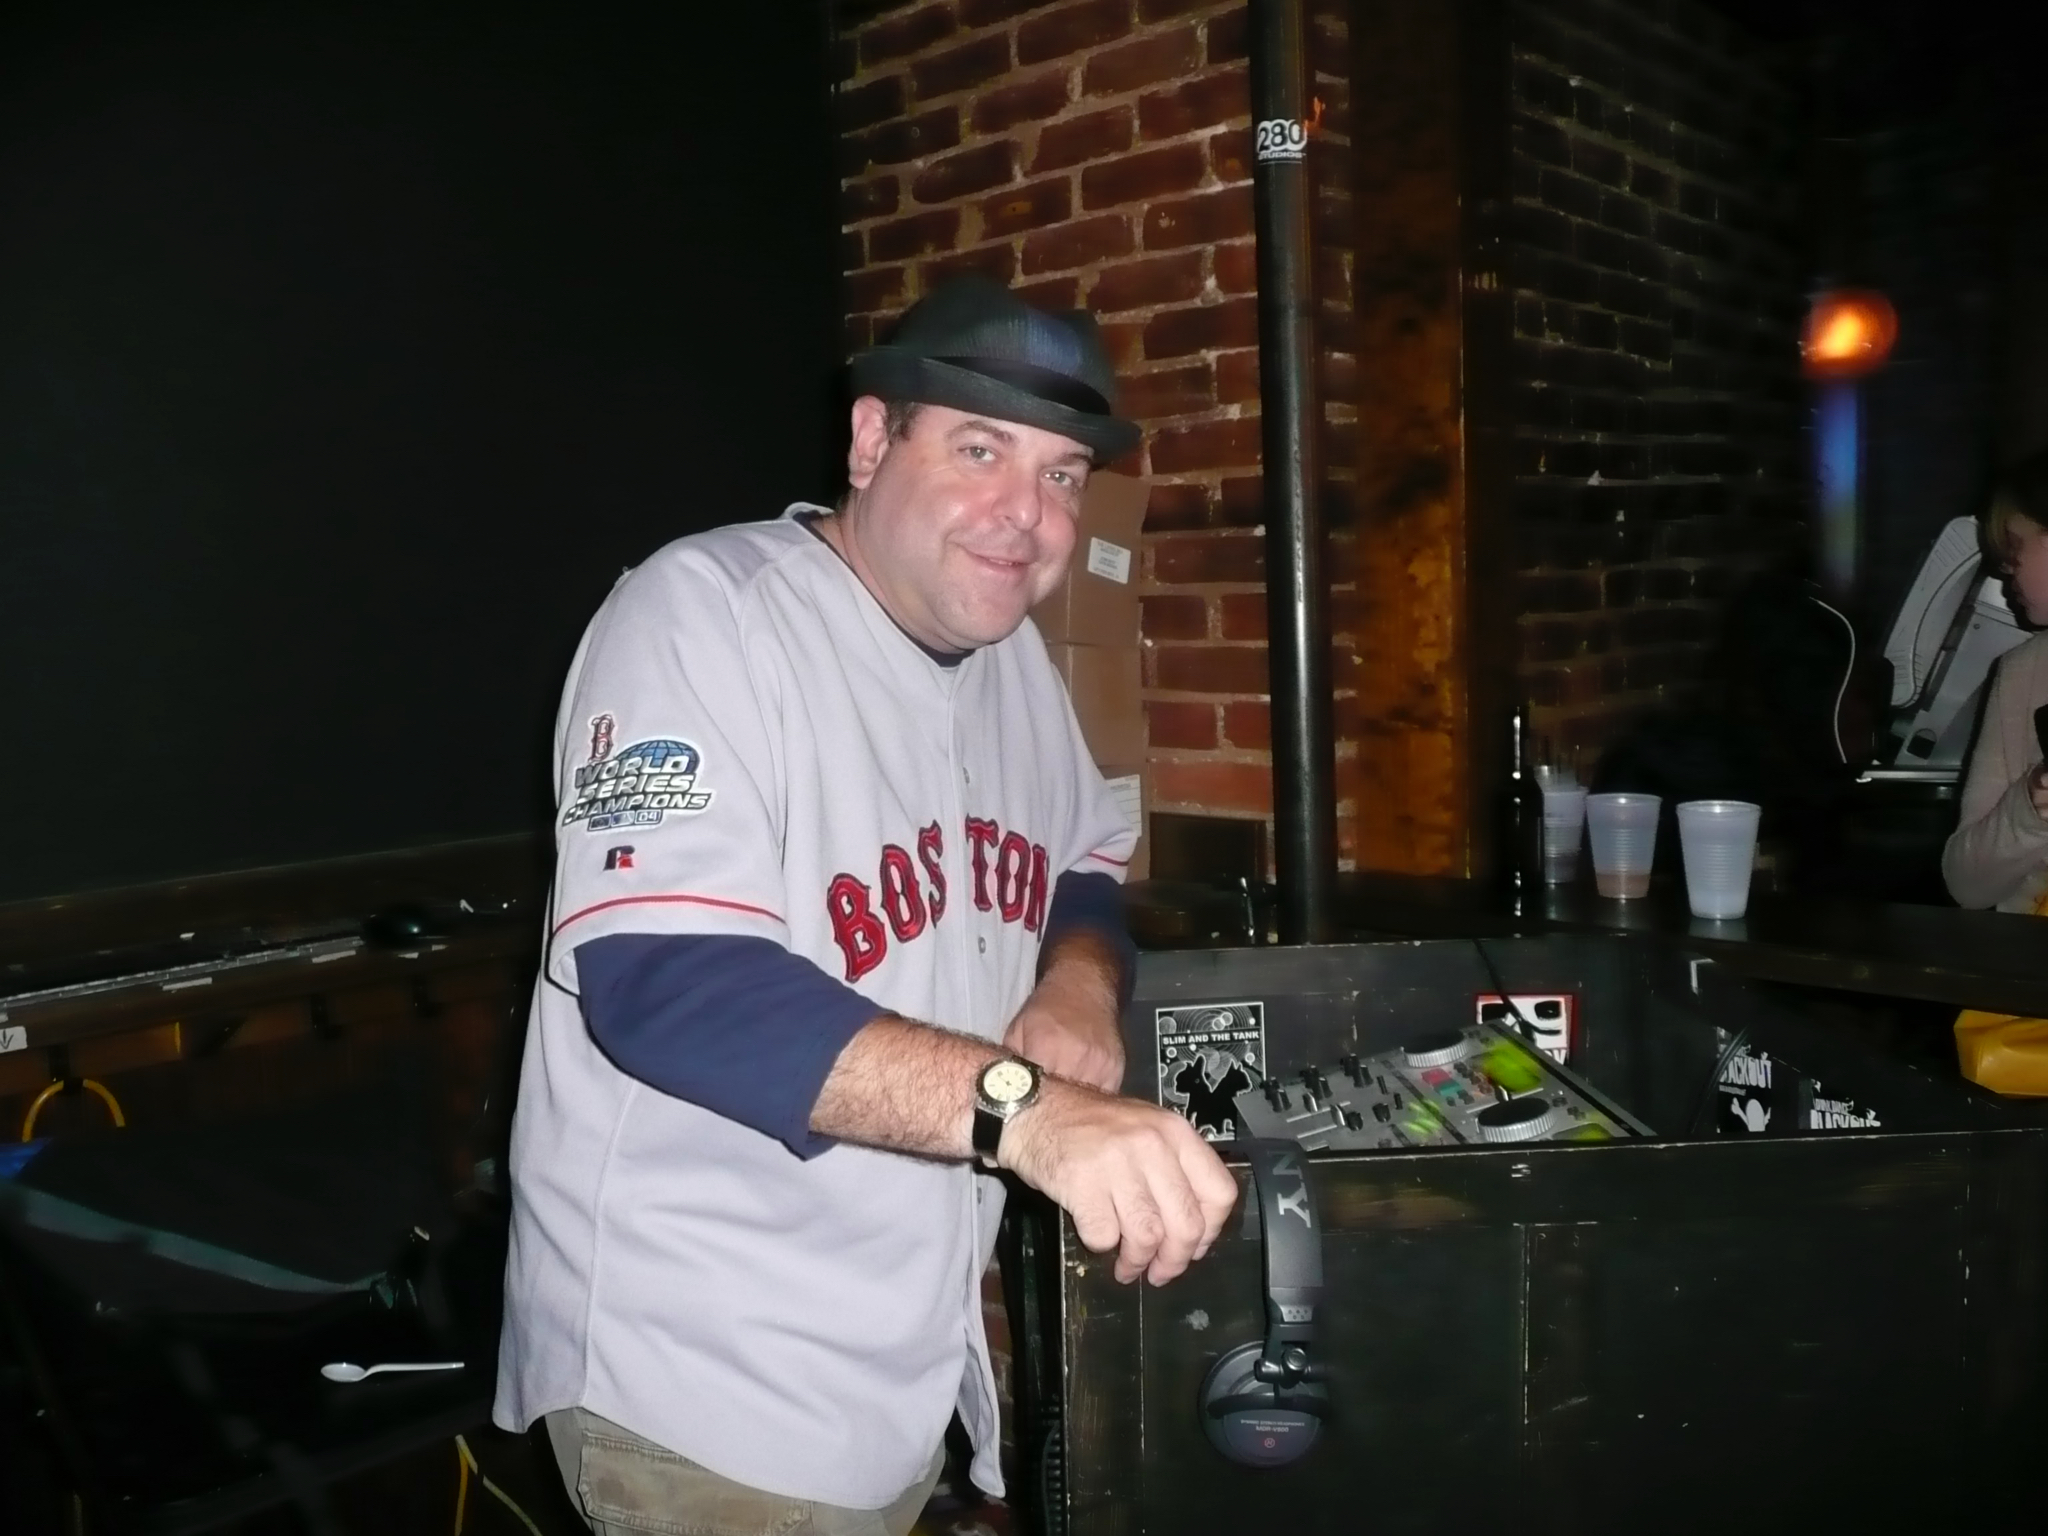 DJ Carbo (September 24, 2008)